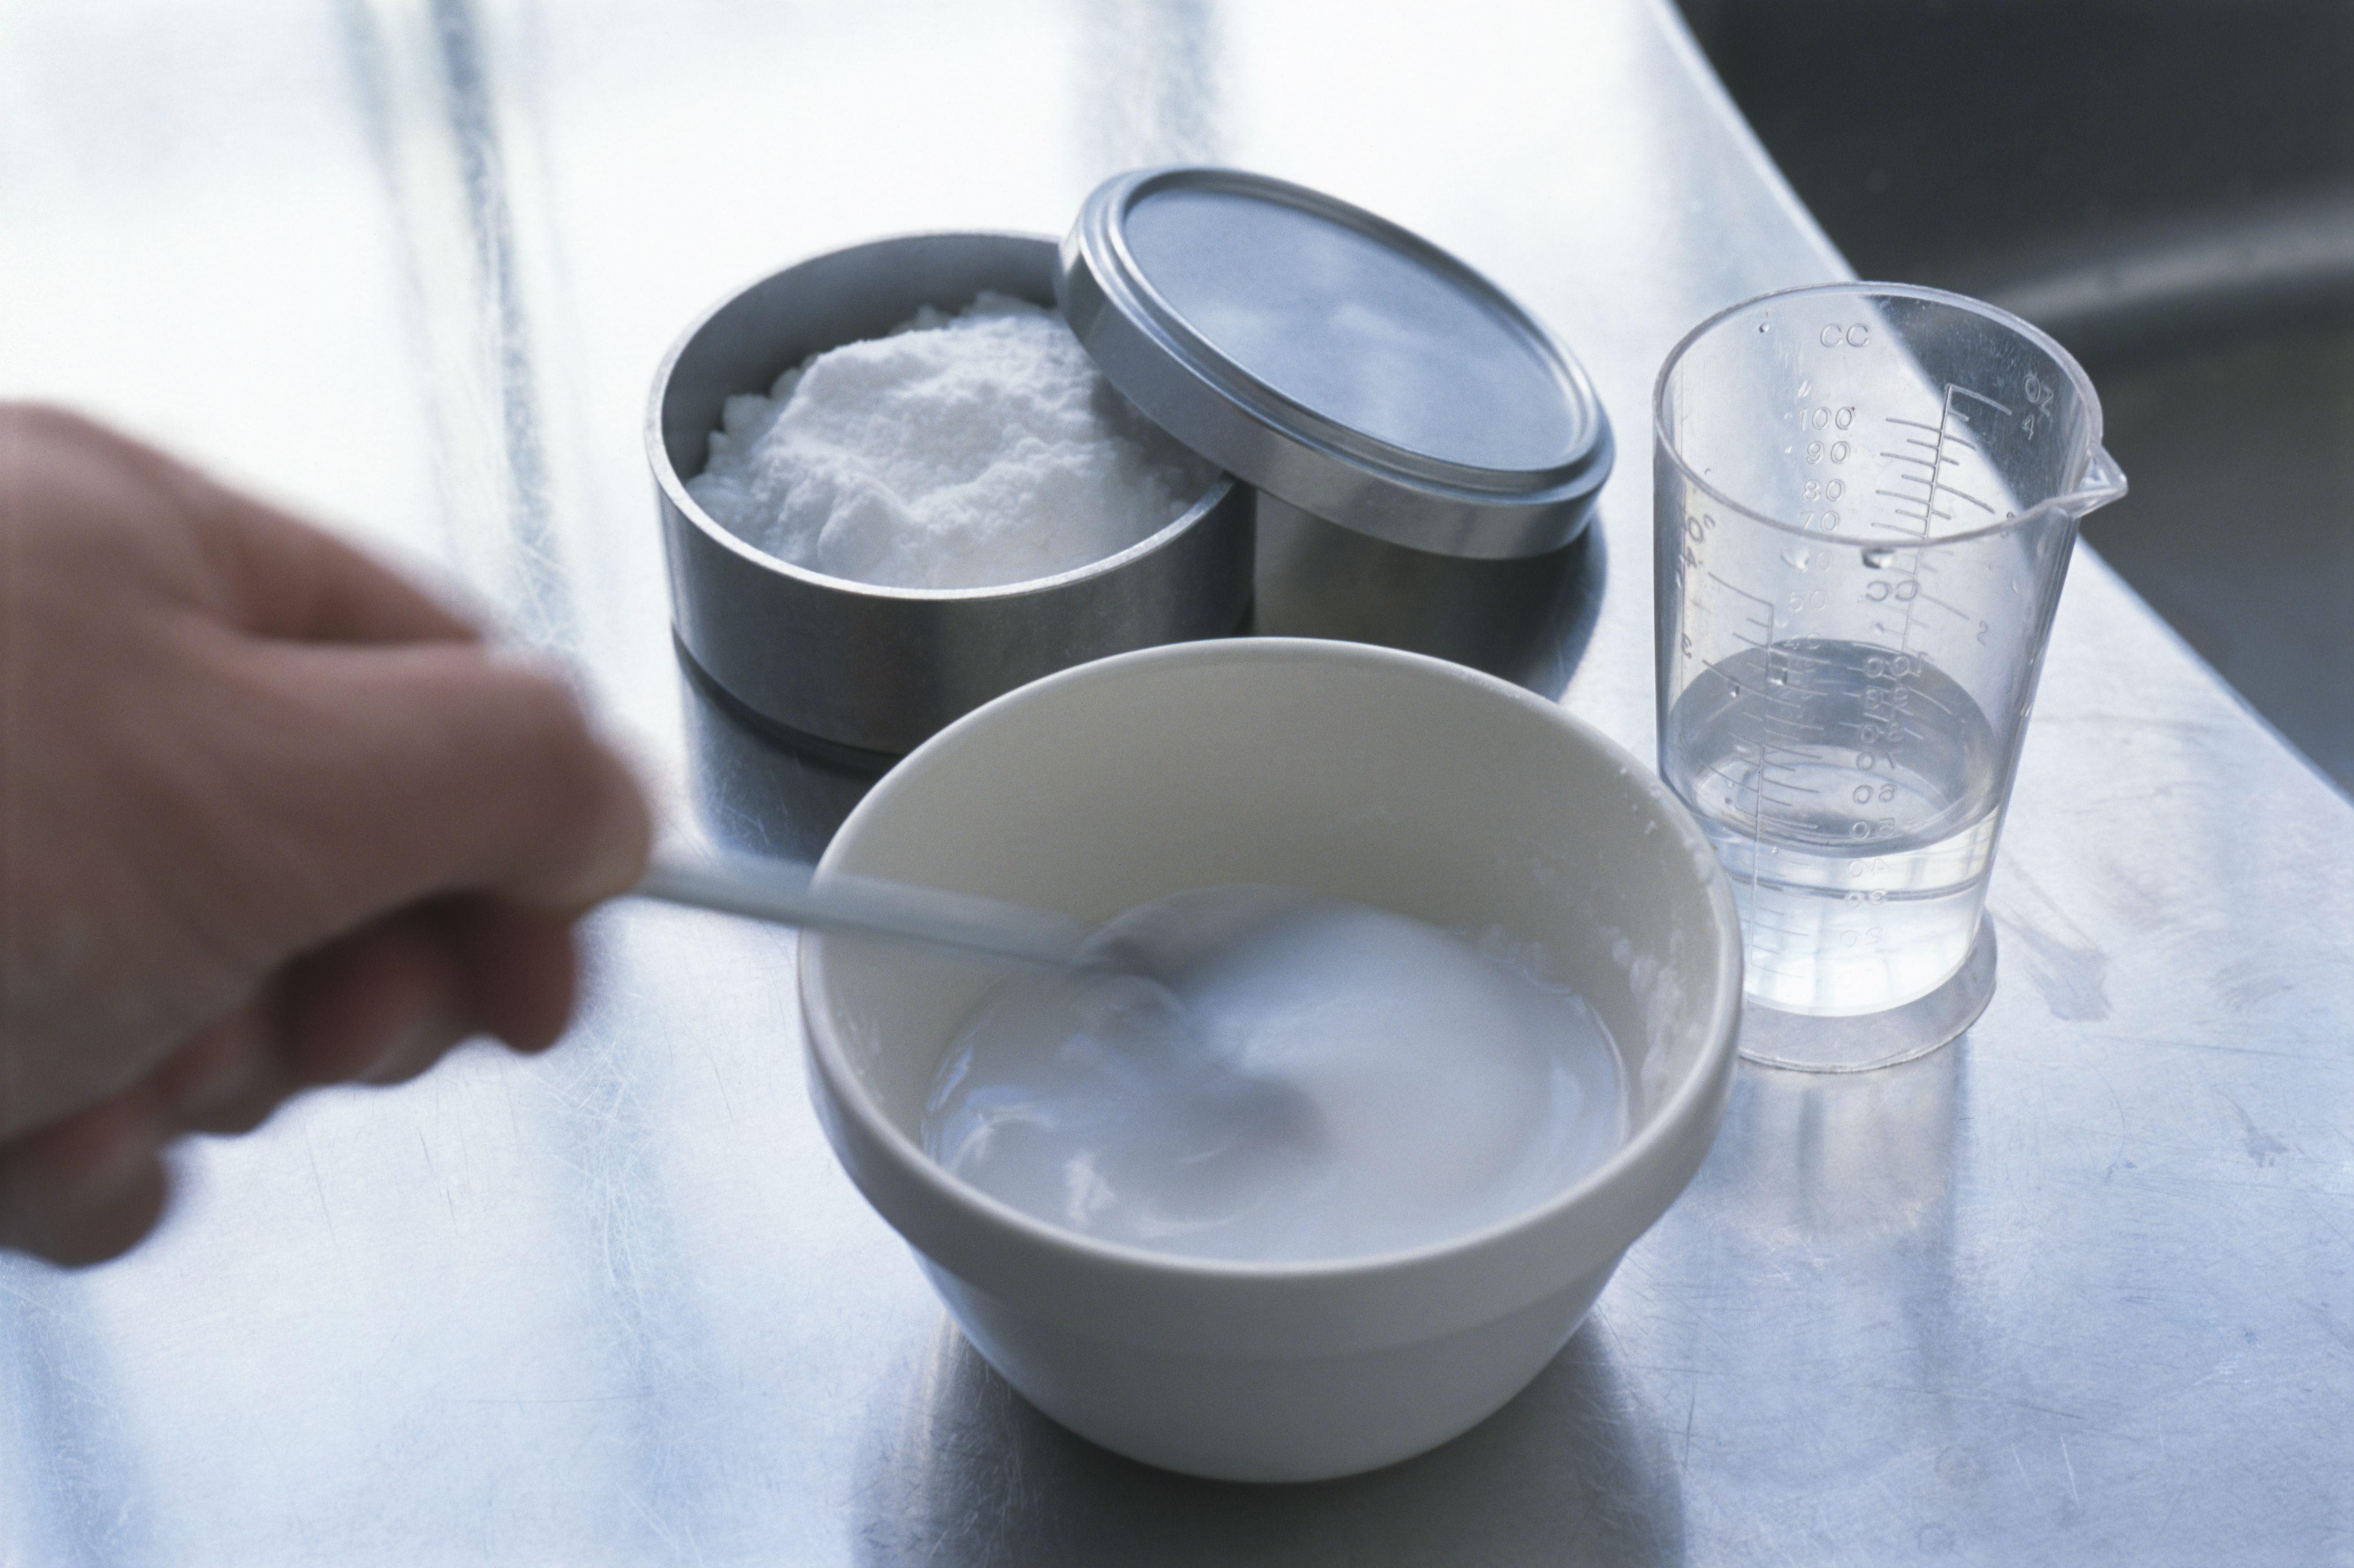 Hacer pasta de bicarbonato de sodio, mezclar el polvo con agua en un tazón, close-up